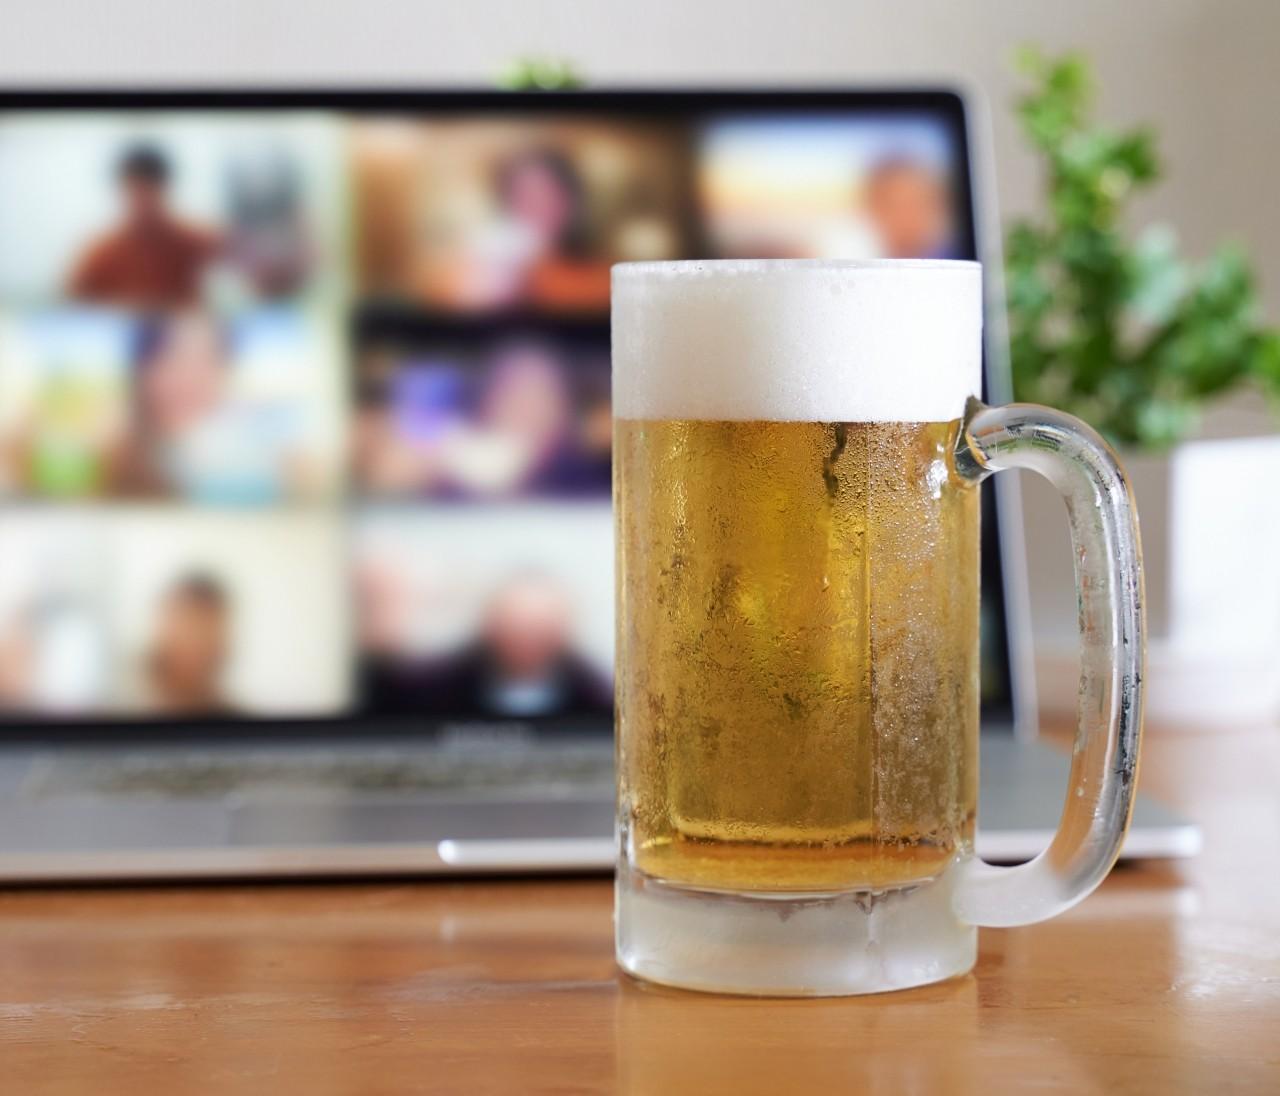 【リモート飲み会継続のすすめ】リモート飲みを盛り上げるアイデア集